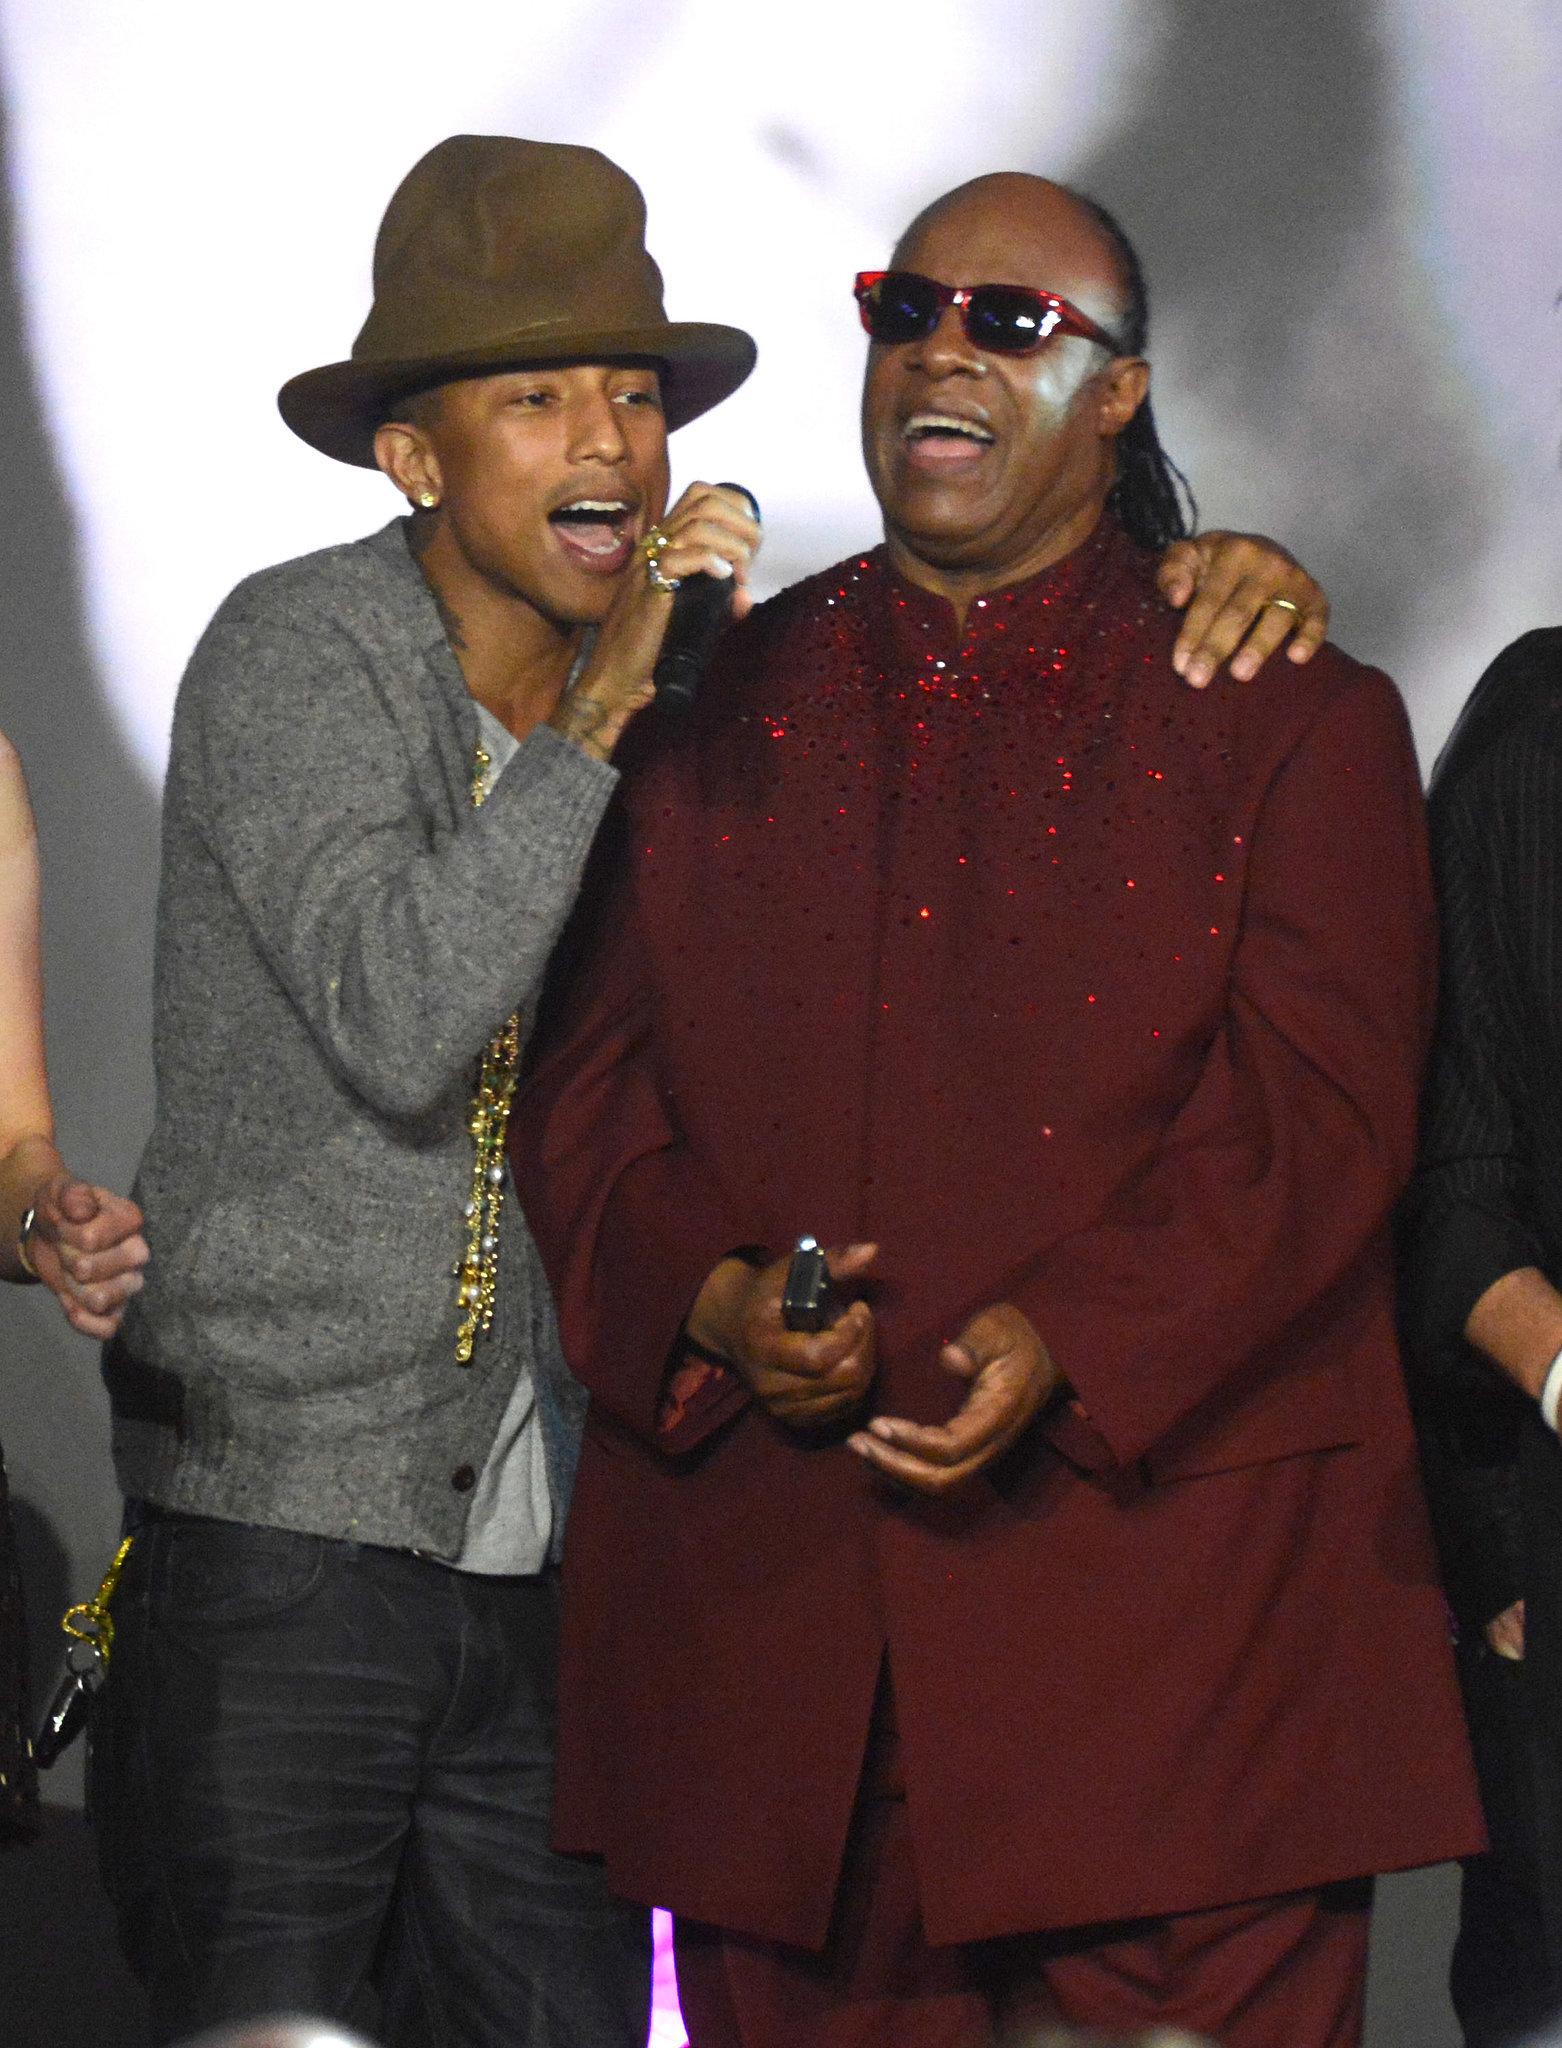 Pharrell also sang with Stevie Wonder.